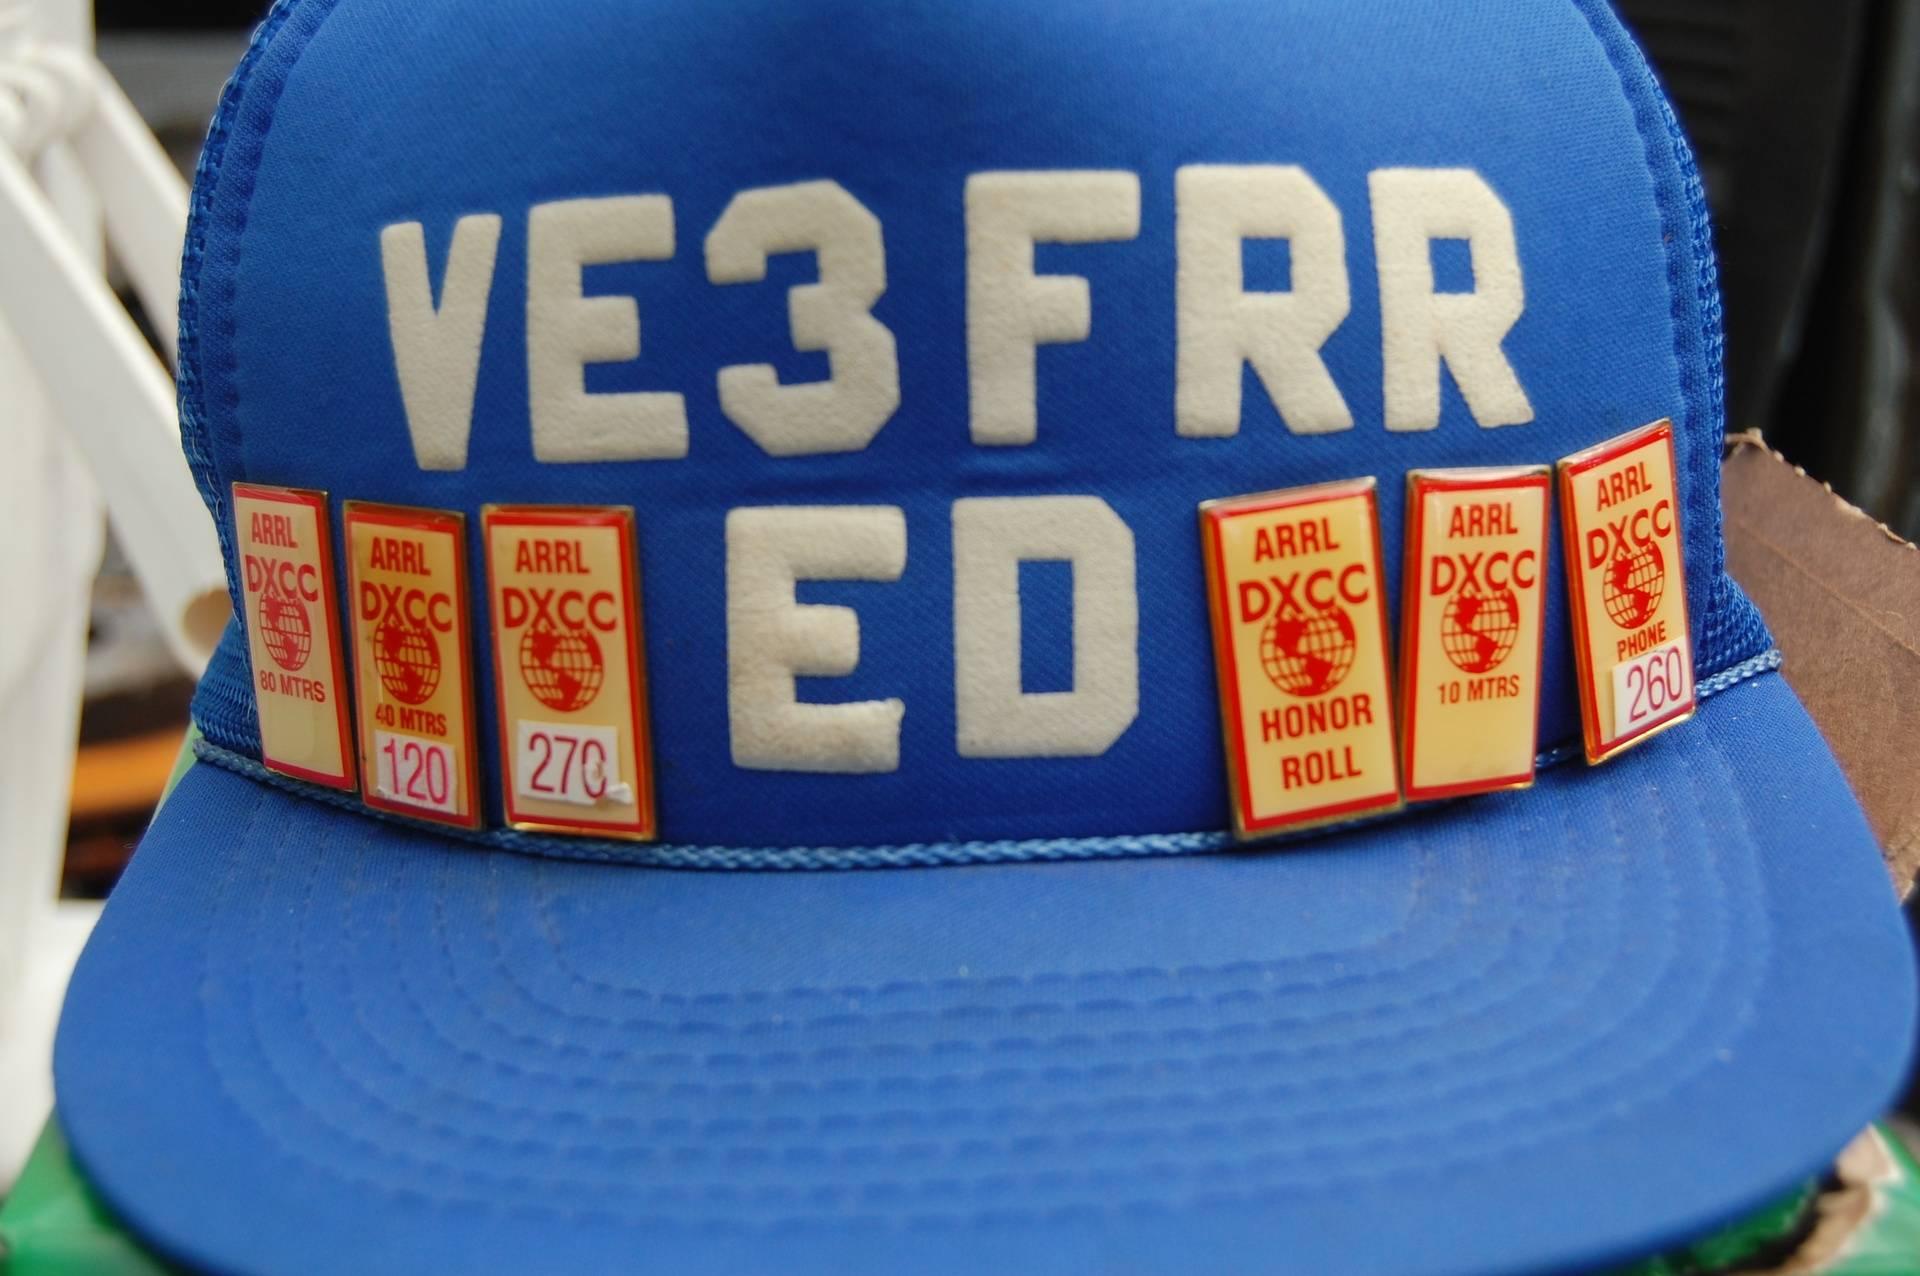 VE3FRR award had.